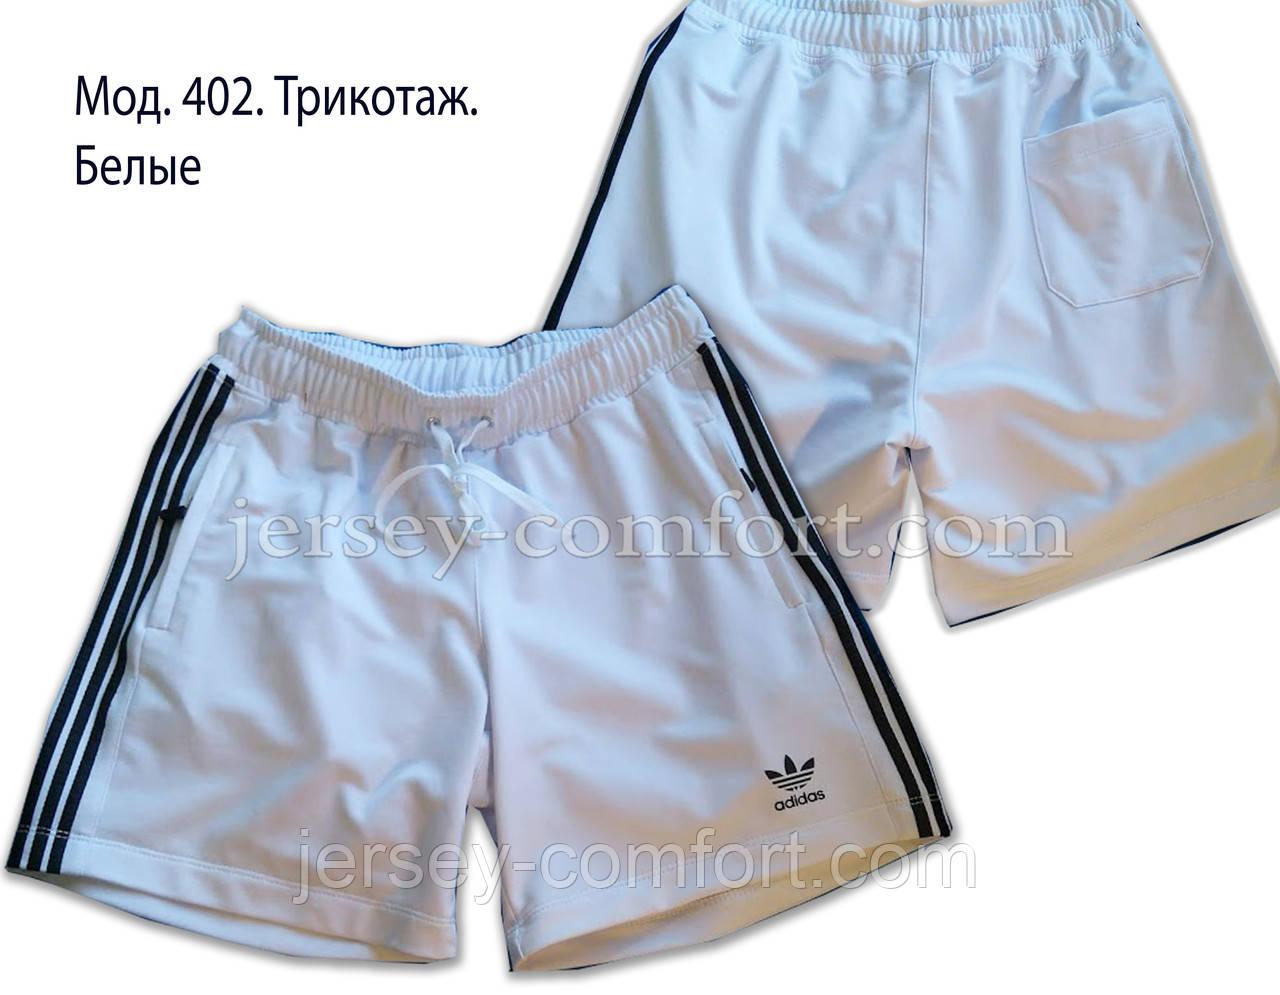 Мужские белые спортивные шорты. Шорты мужские трикотажные.  Мод. 402